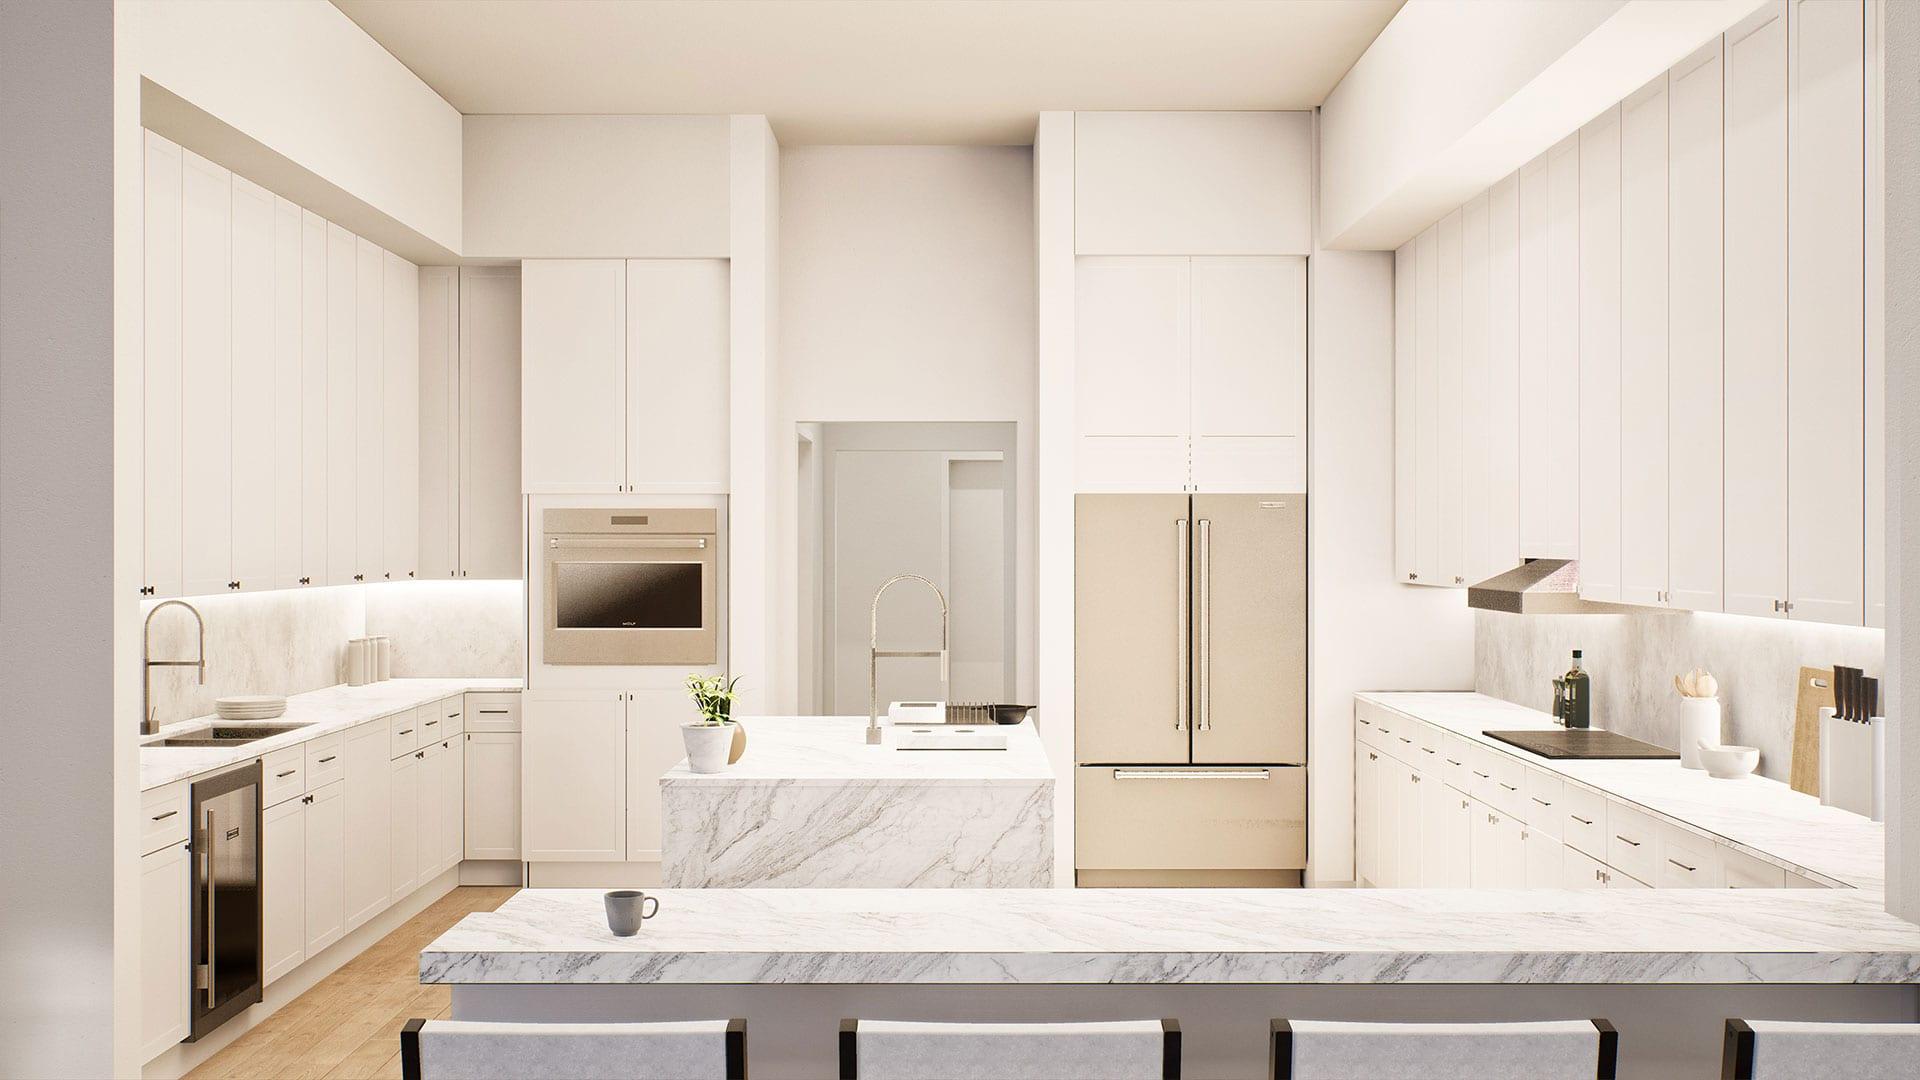 BLVD Sarasota Residences Renderings